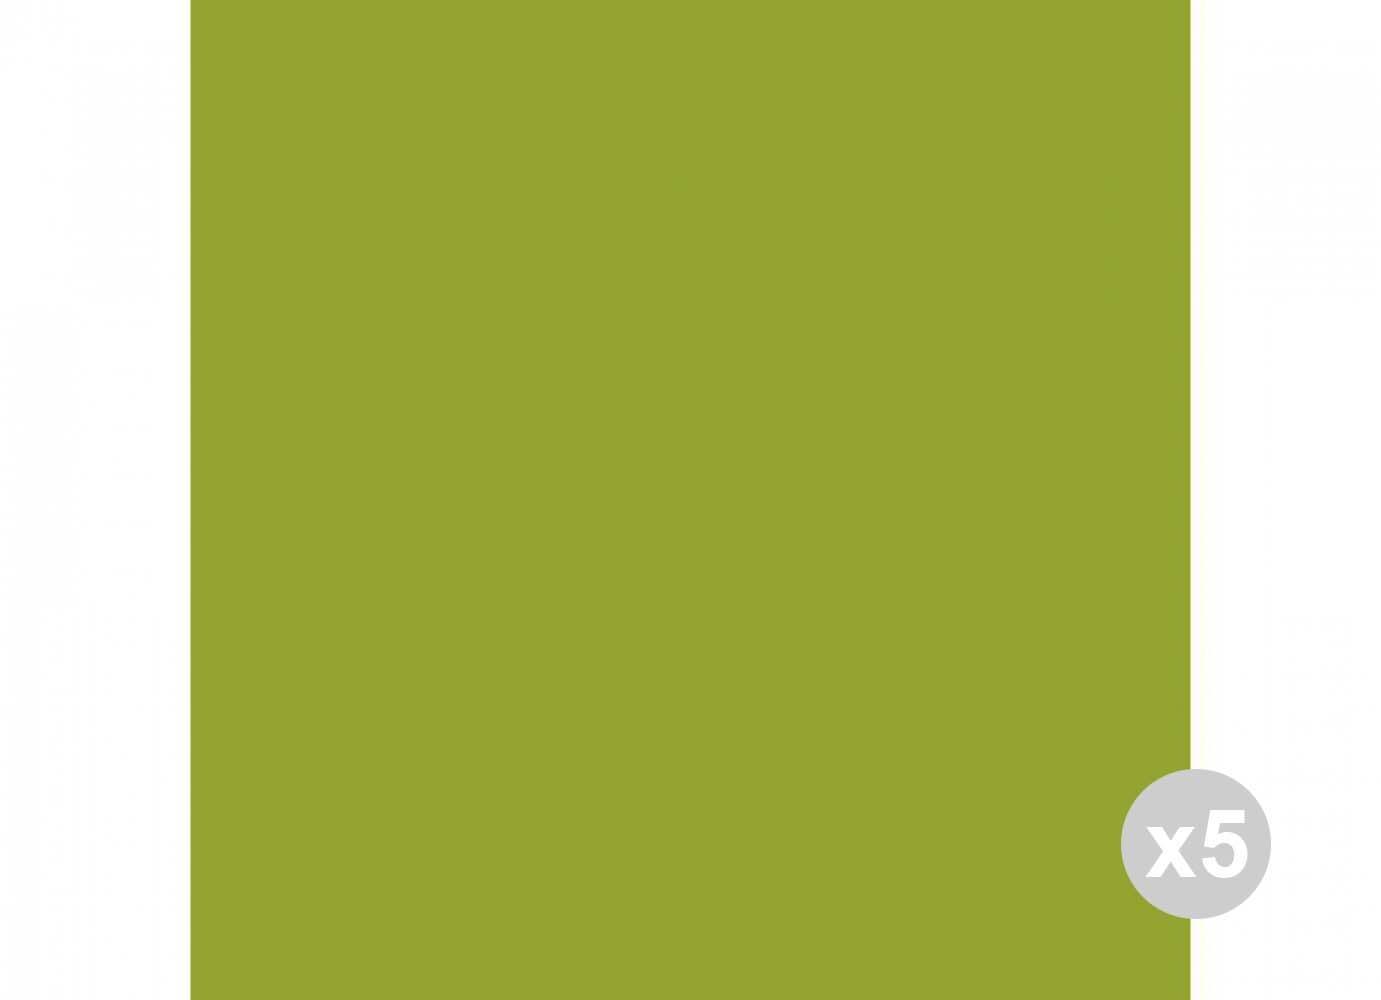 Acquista Set 5x20 100 Pz Totali Coprimacchia 17545740 | Glooke.com